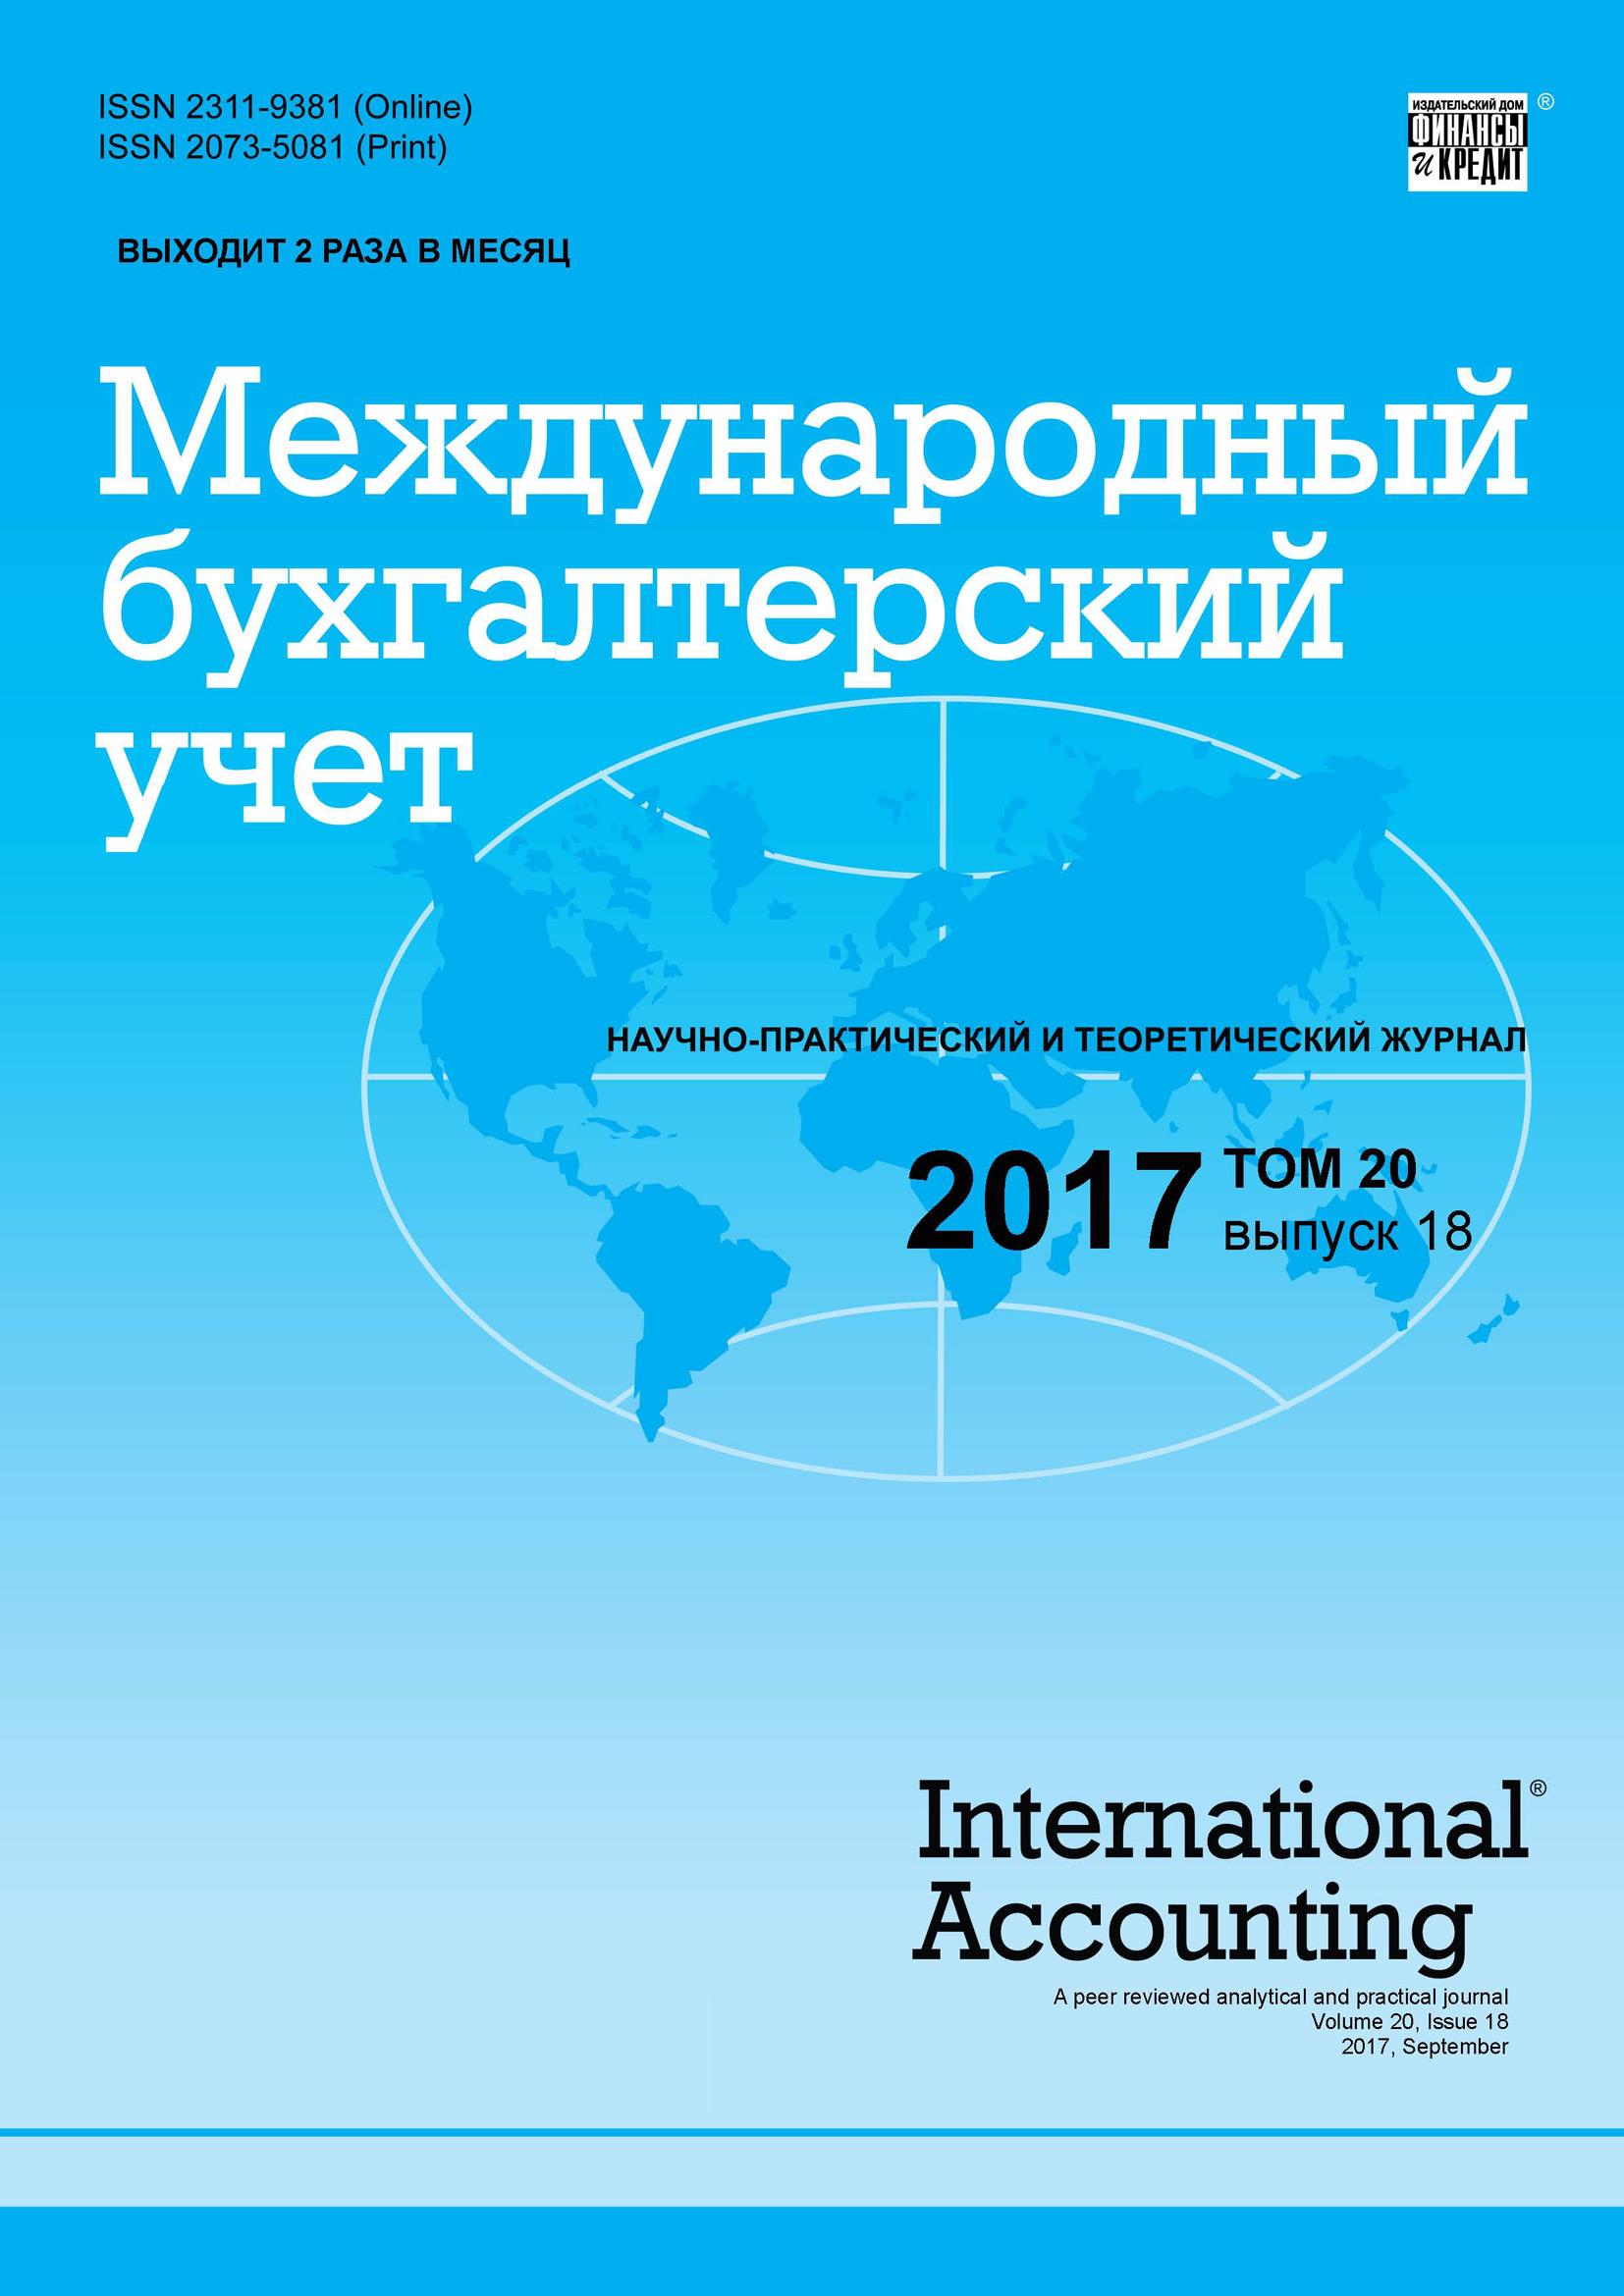 Международный бухгалтерский учет № 18 2017